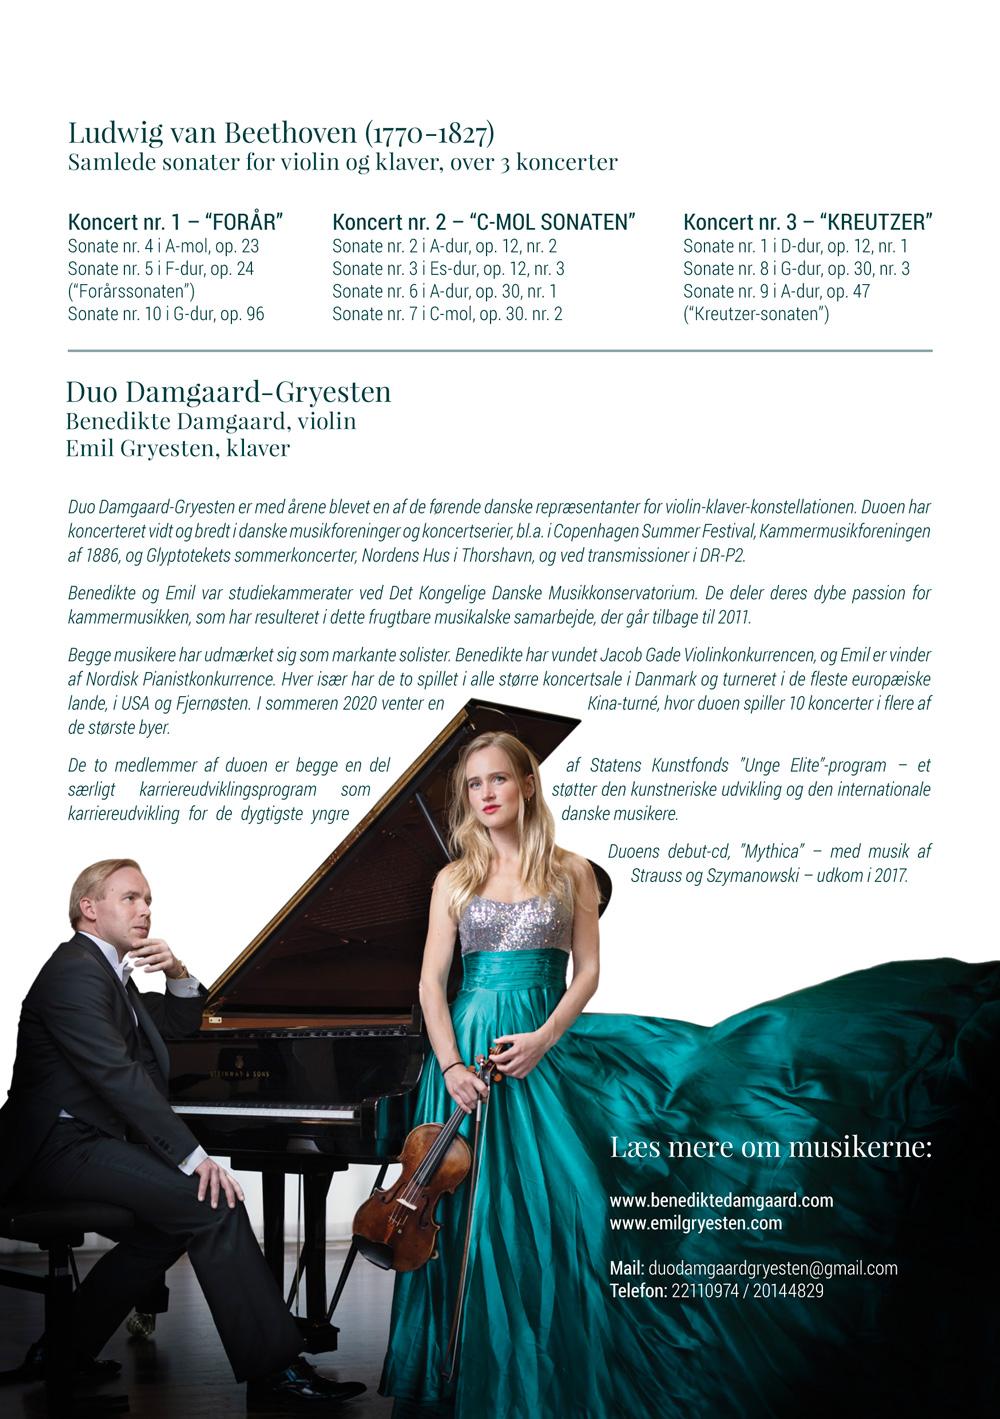 Kilmulis design - Duo Damgaard Gryesten - brochure 04